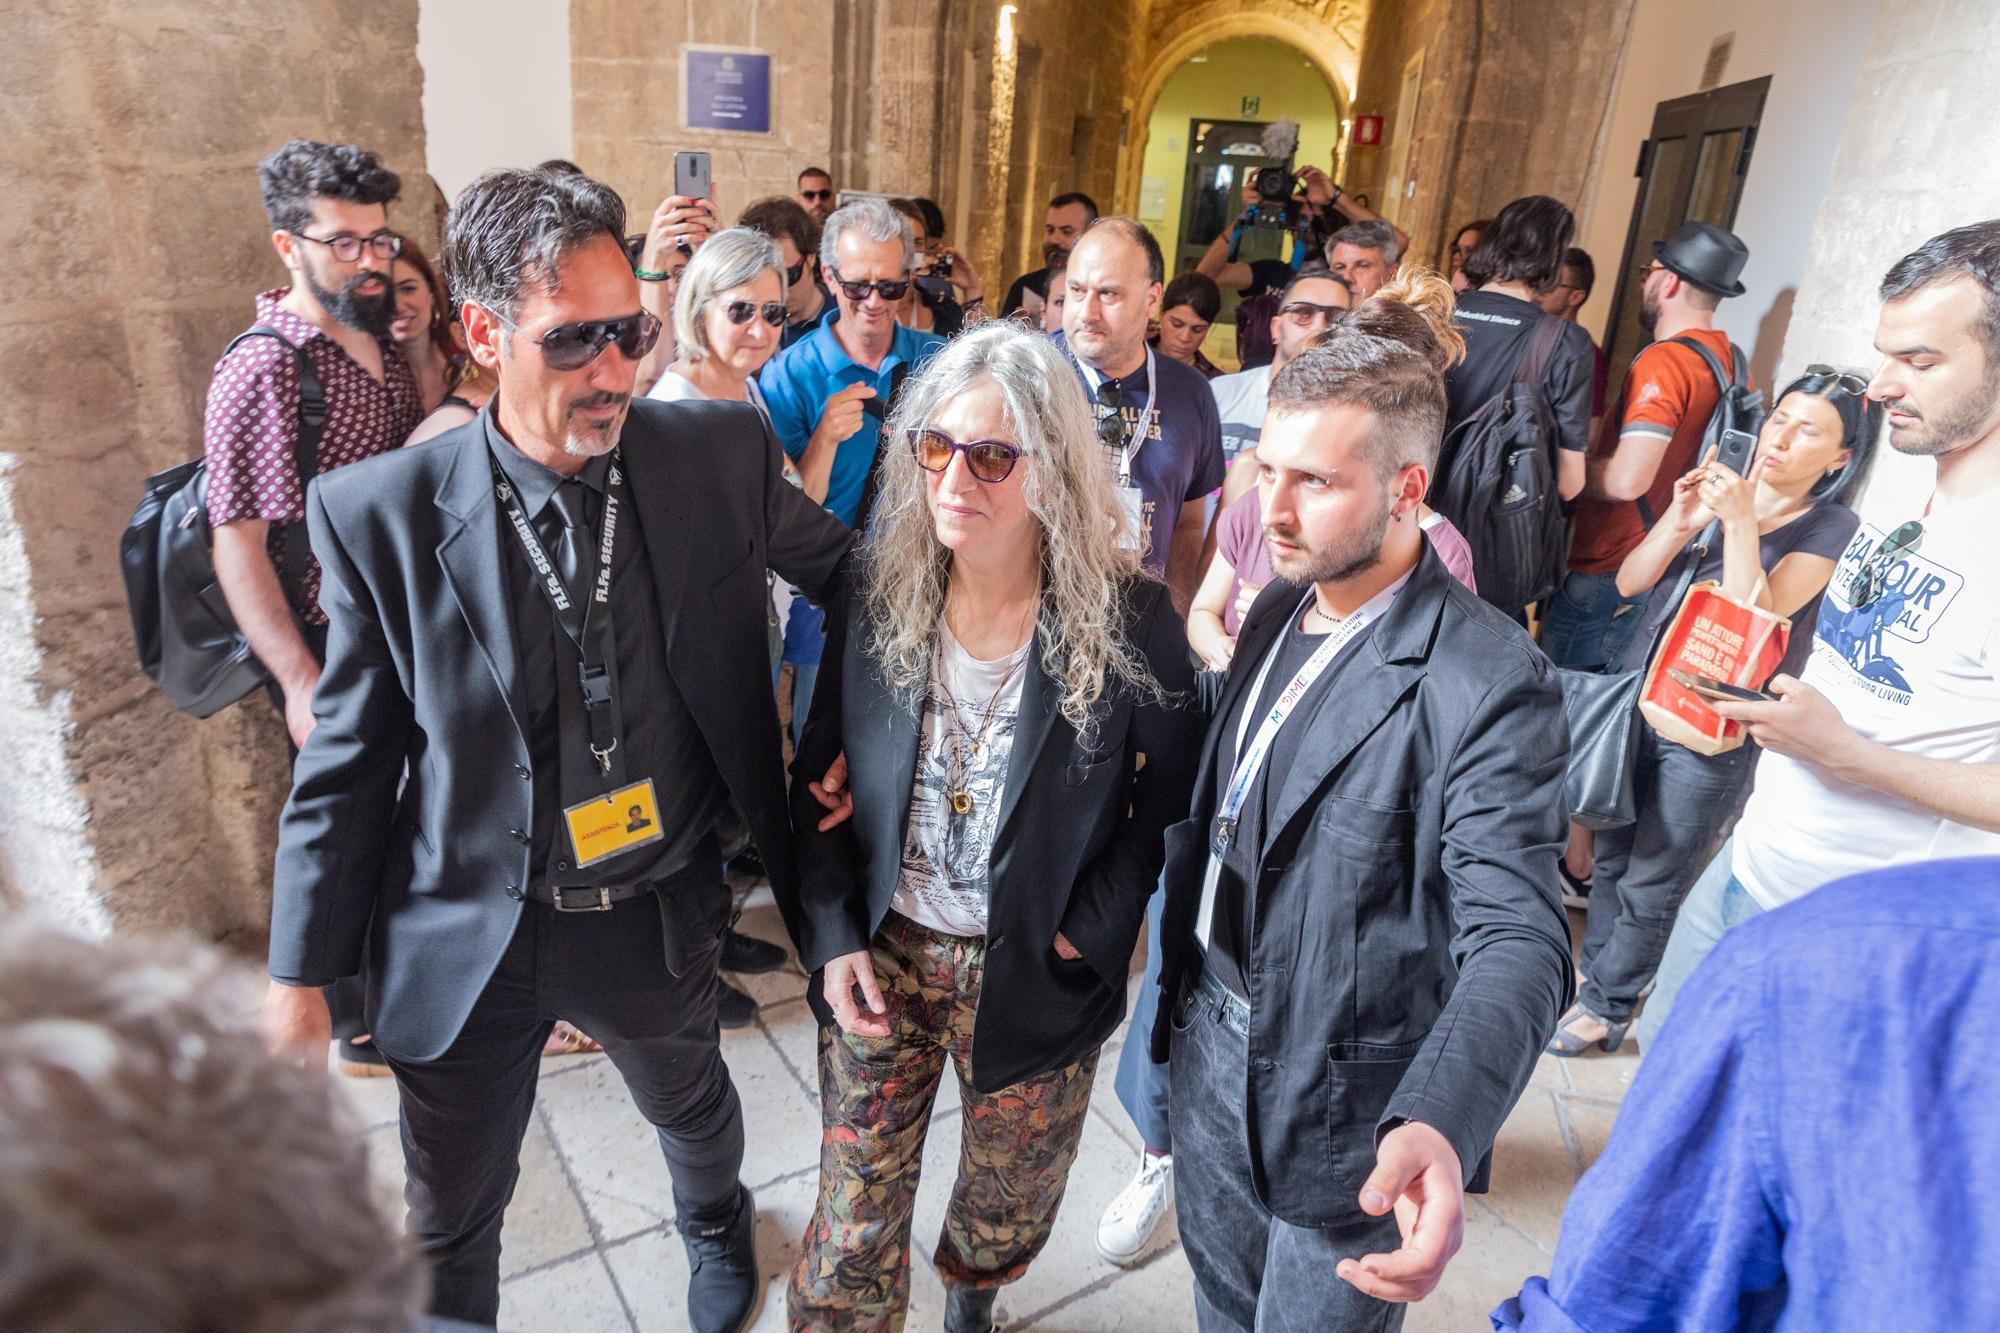 Patti Smith protagonista di un incontro d autore a Taranto